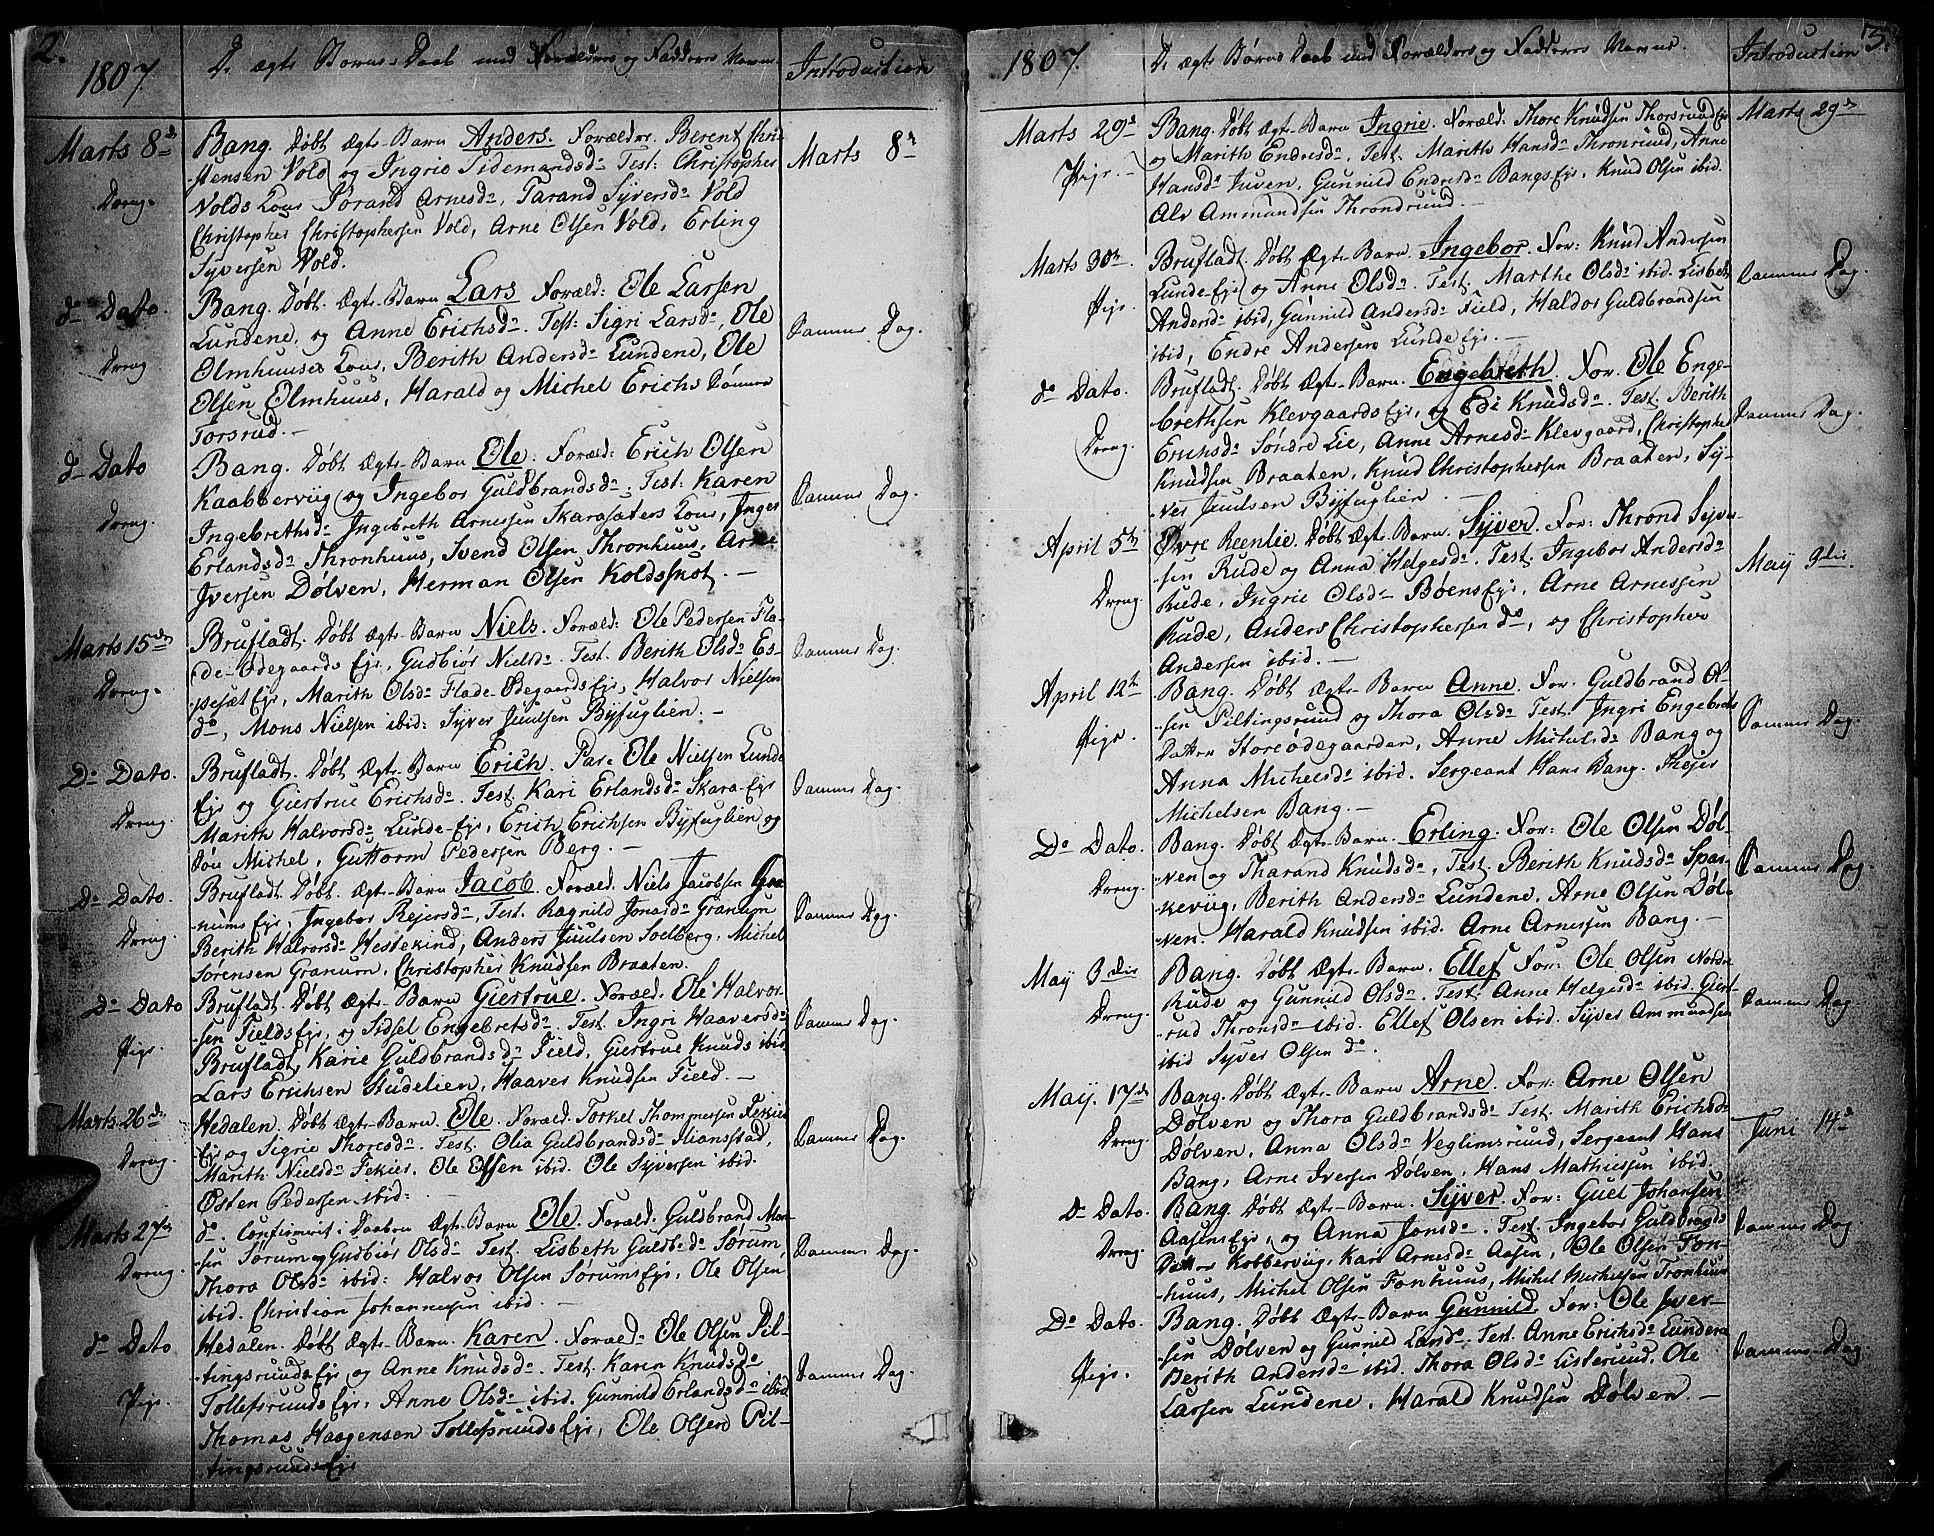 SAH, Sør-Aurdal prestekontor, Ministerialbok nr. 1, 1807-1815, s. 2-3